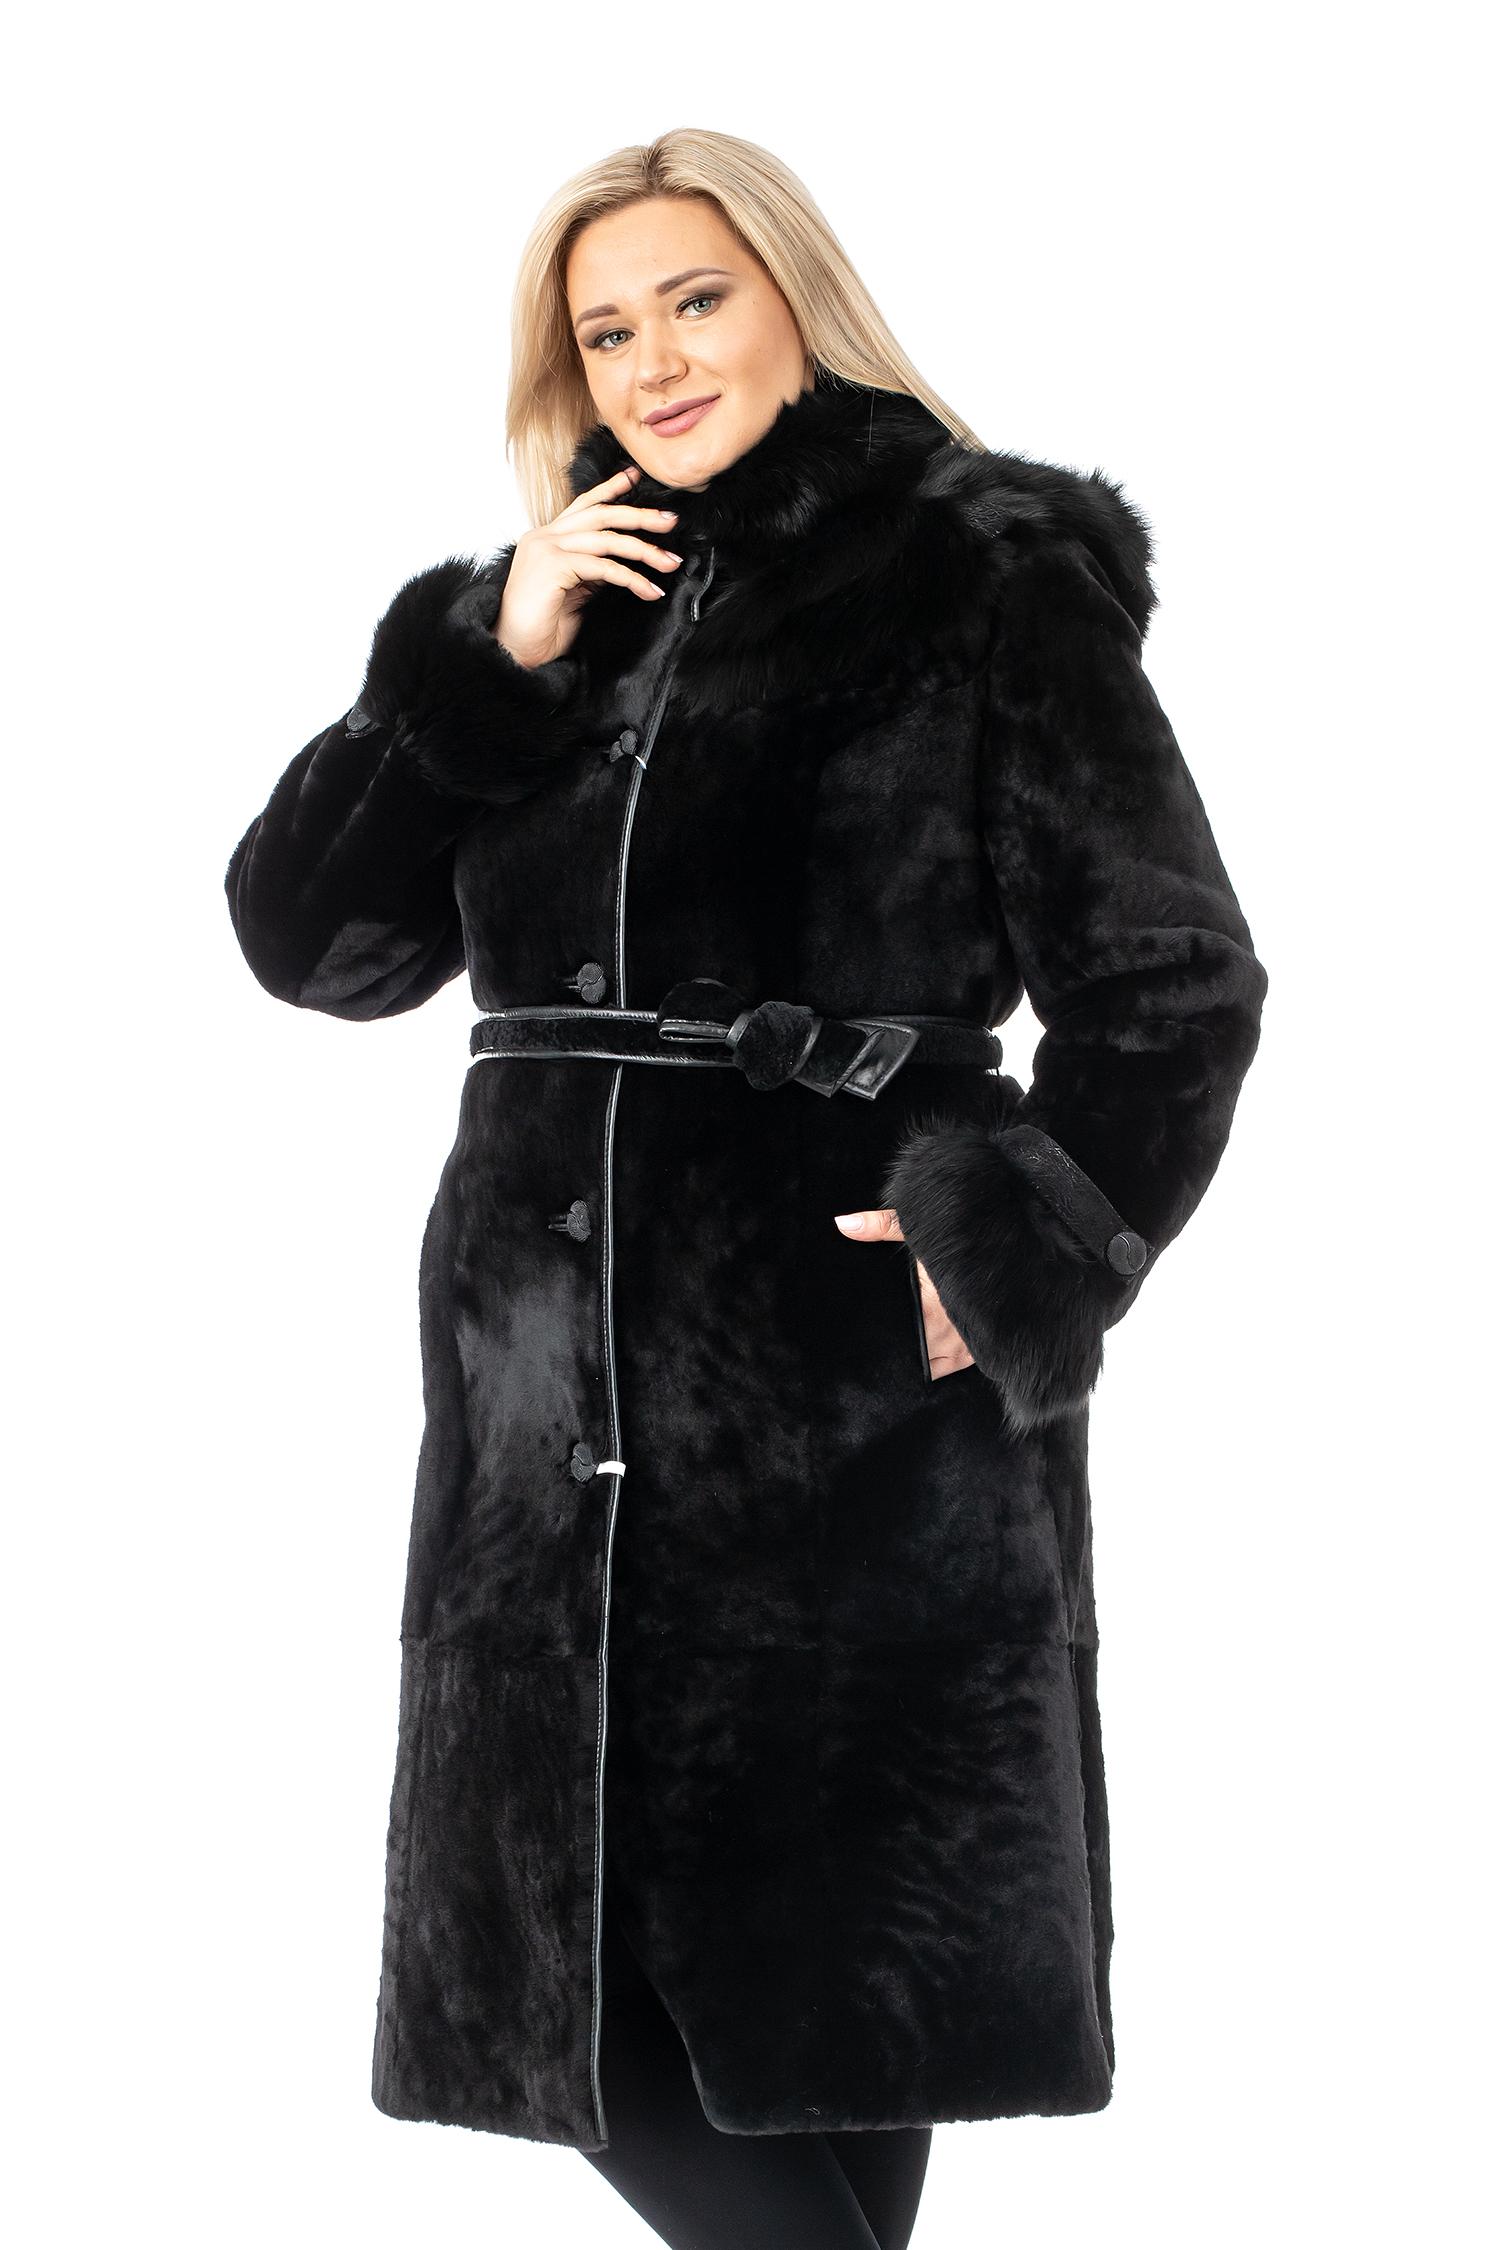 Купить Шуба из мутона с капюшоном, отделка песец, МОСМЕХА, черный, Мутон, 1301466